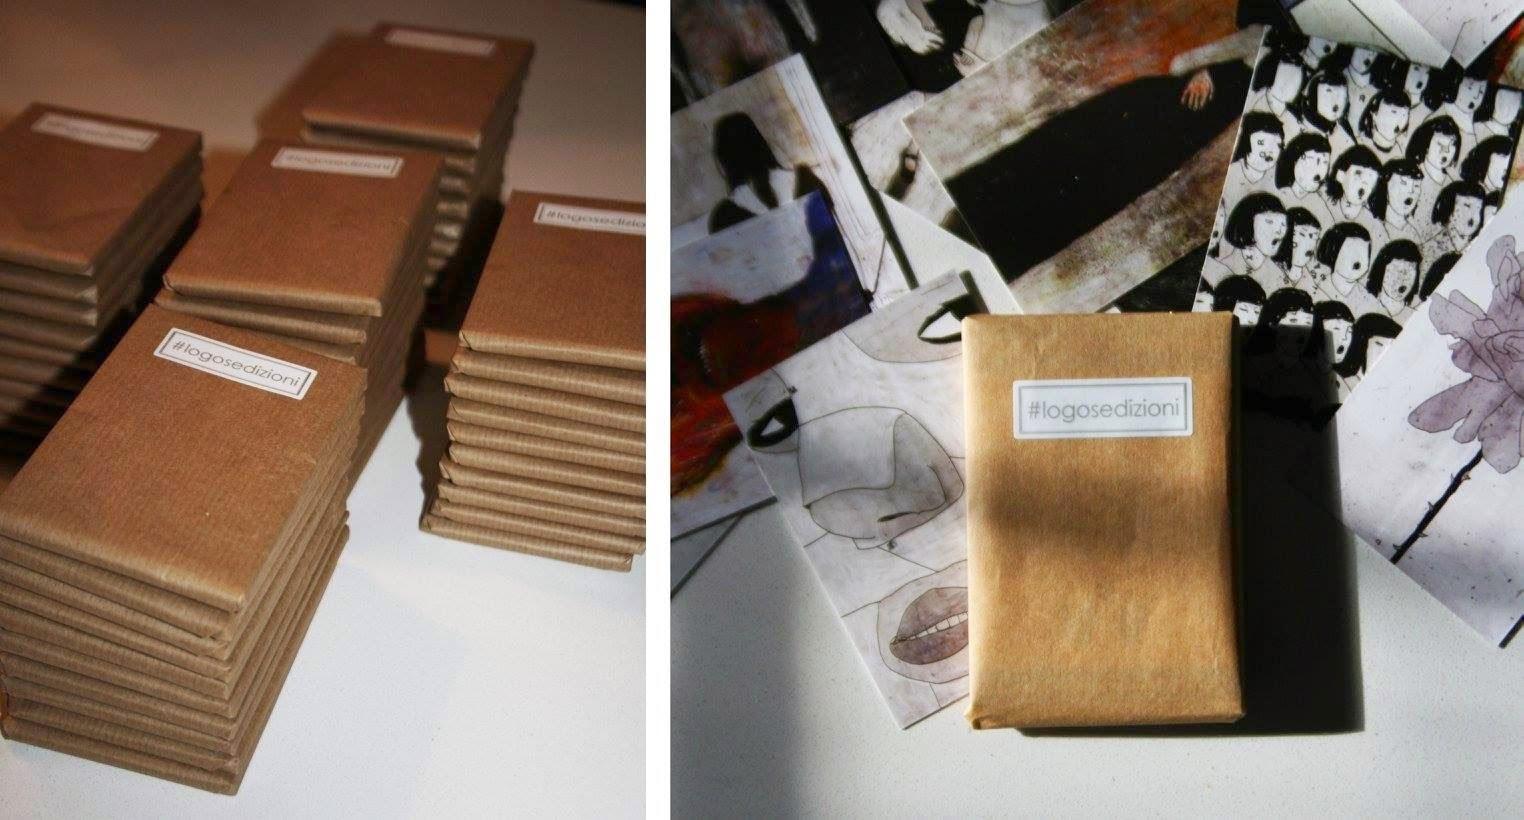 Hcode 500 adesivi rotondi in carta kraft naturale con cuore rosso 3,8 cm etichetta adesiva 1 roll Paper Baked With Love